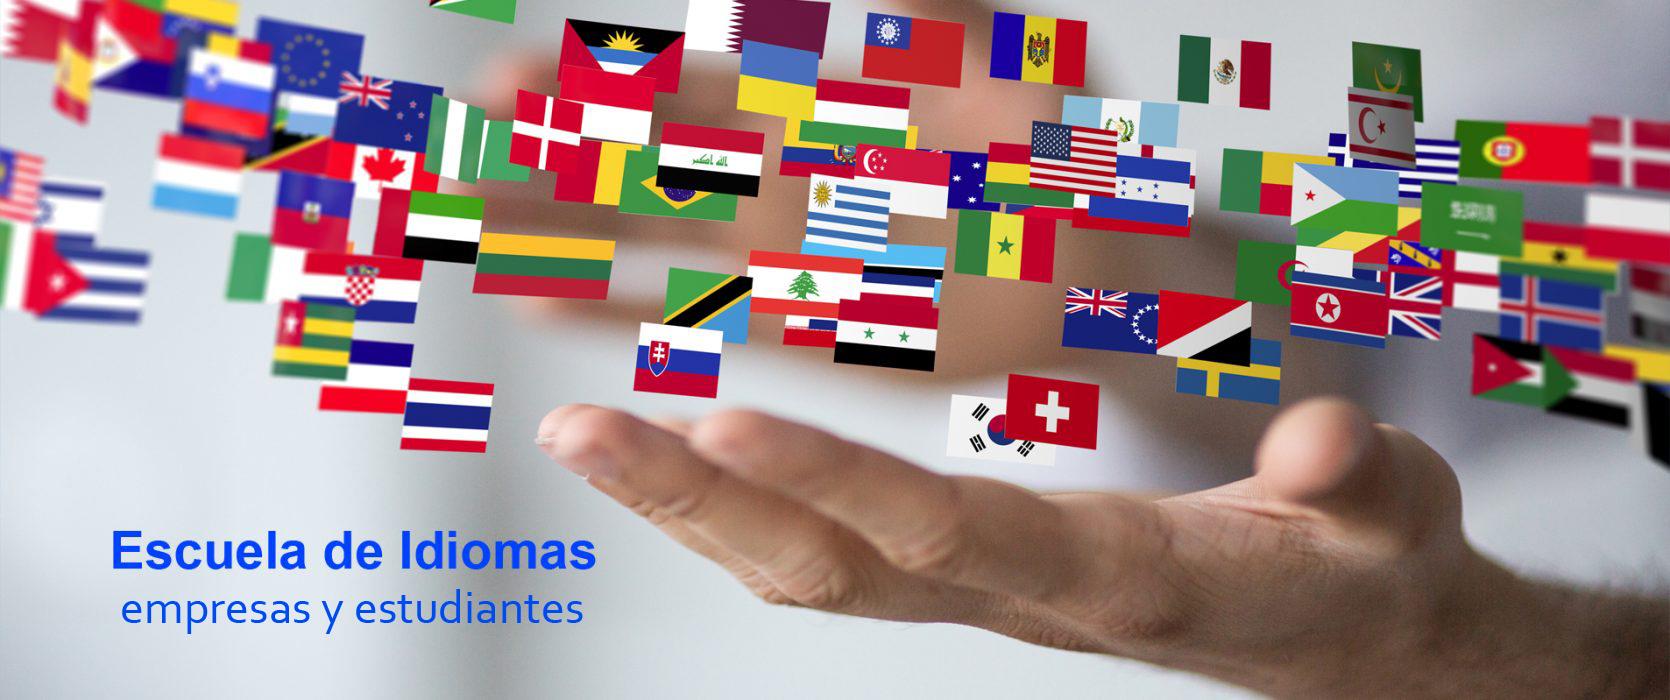 Escuela academia de idiomas en Madrid